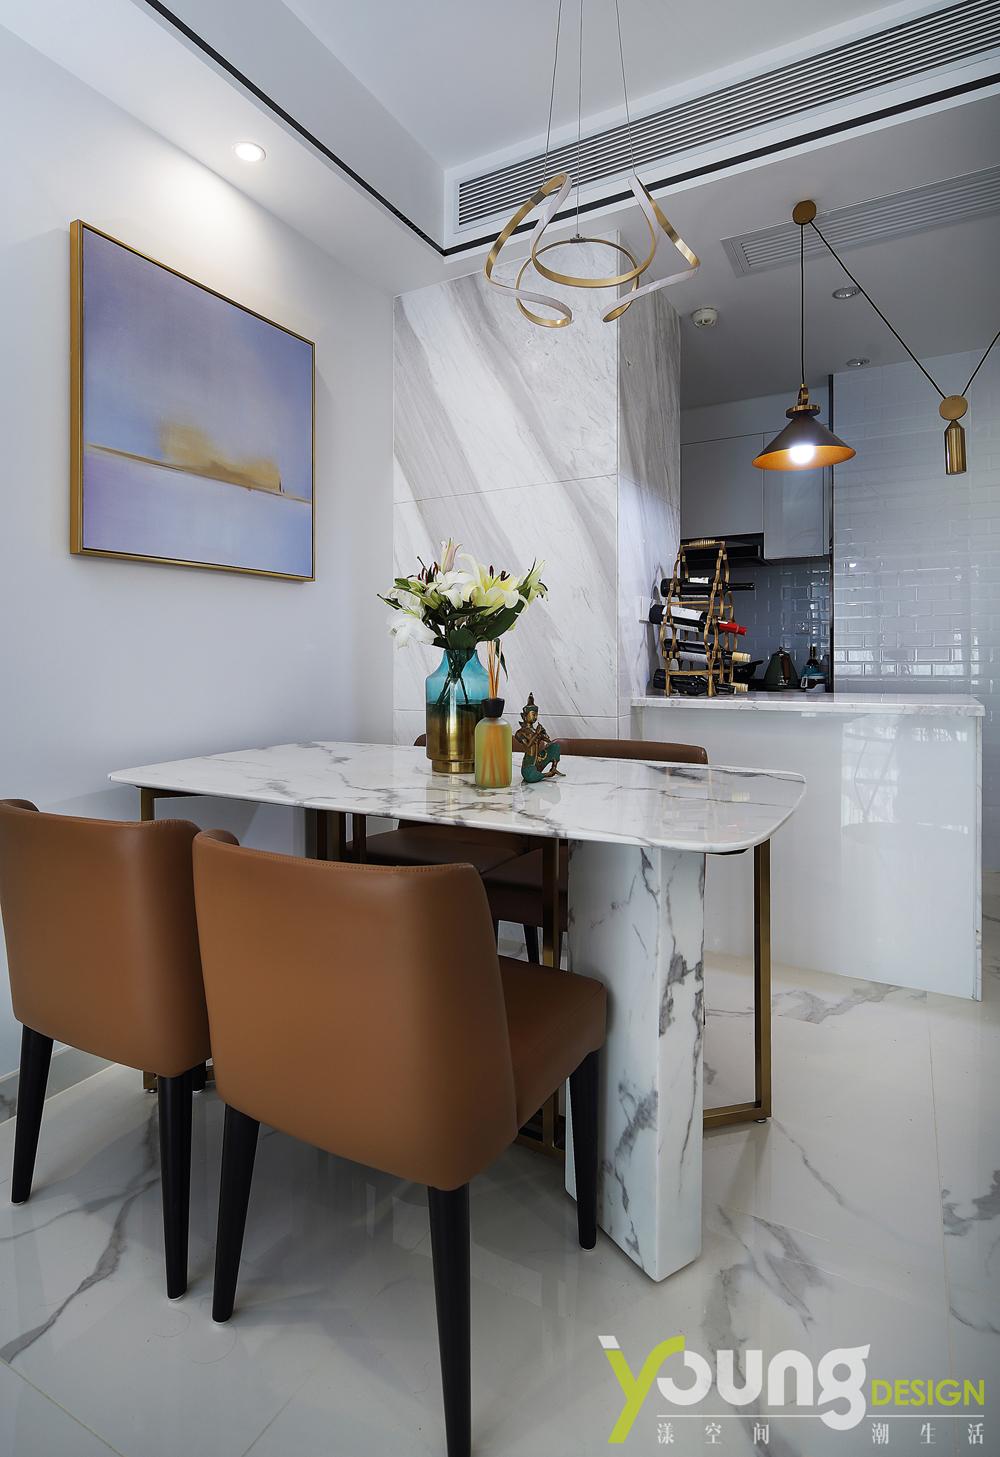 89㎡现代简约风装修餐厅厨房欣赏